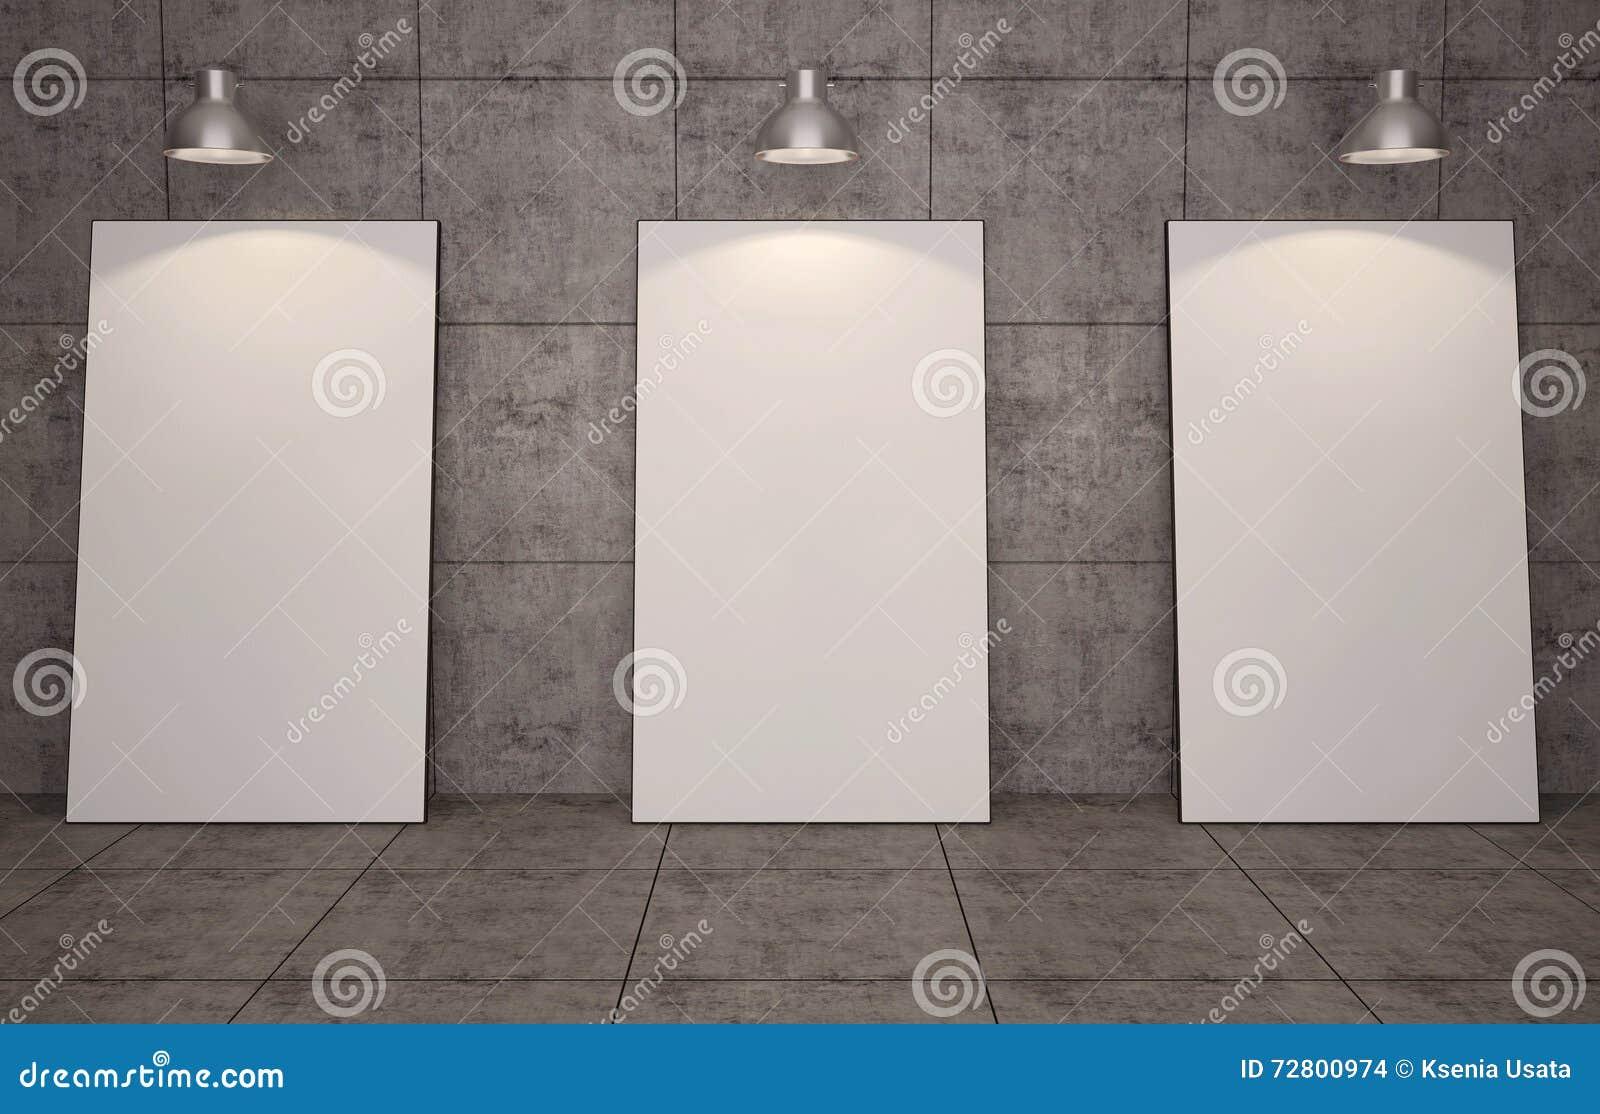 Galería De Arte Marcos En Blanco En Fondo De La Pared De Ladrillo ...